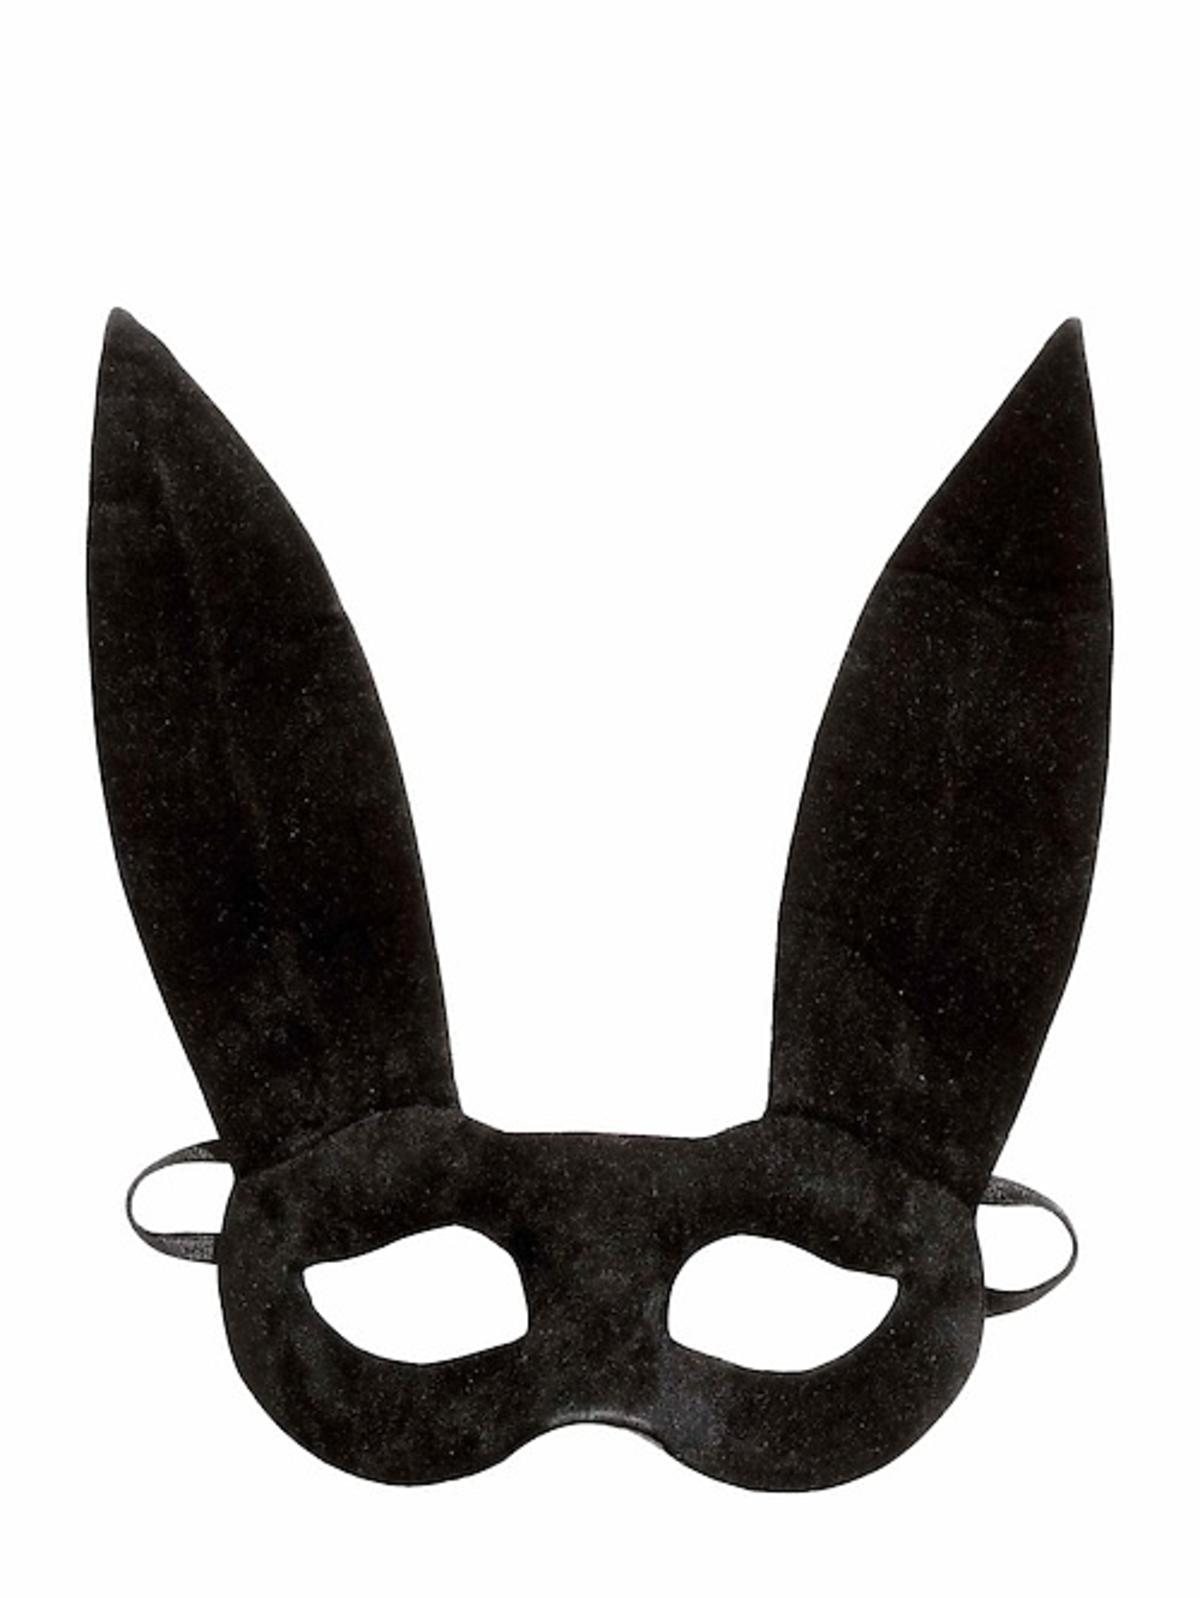 Maska H&M, 39,90 zł